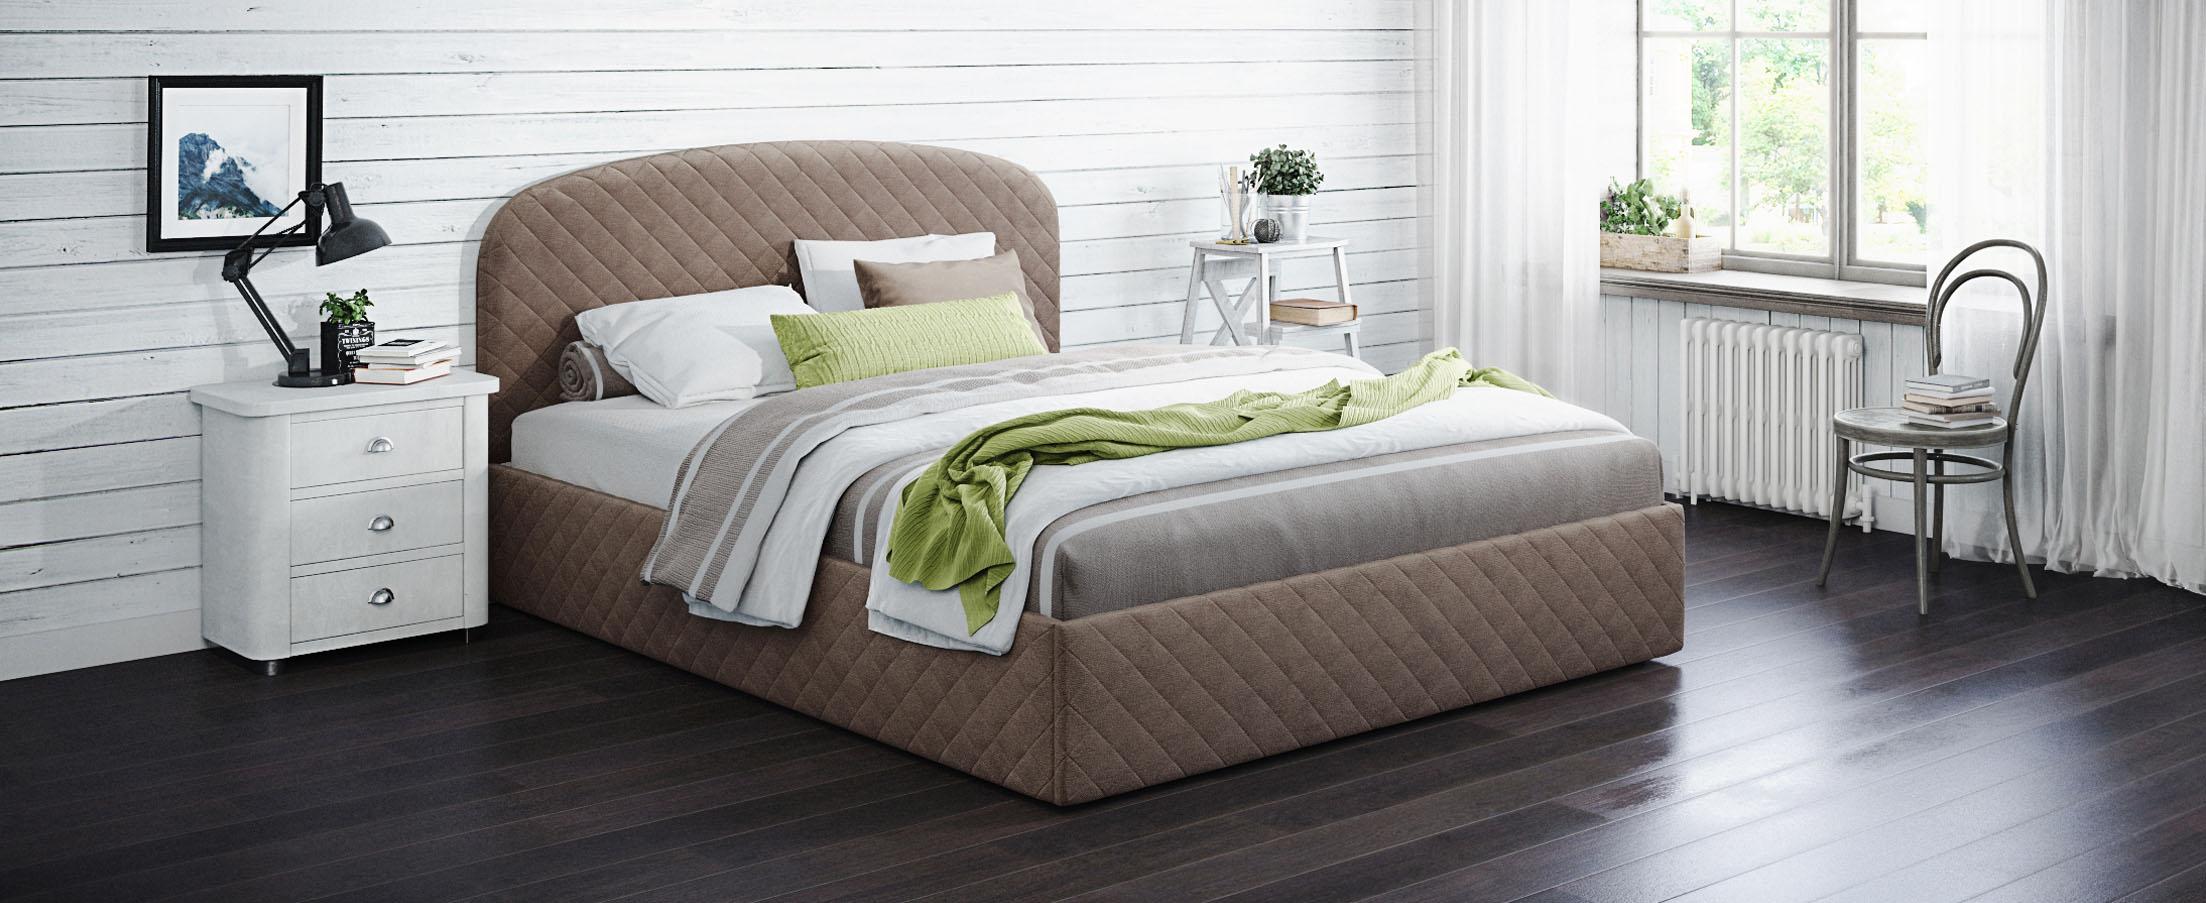 Кровать двуспальная Аллегра 140х200 Модель 1204Благодаря лаконичным формам она может стать как центральным предметом просторного помещения, также будет гармонично смотреться в небольшой спальной комнате.<br>